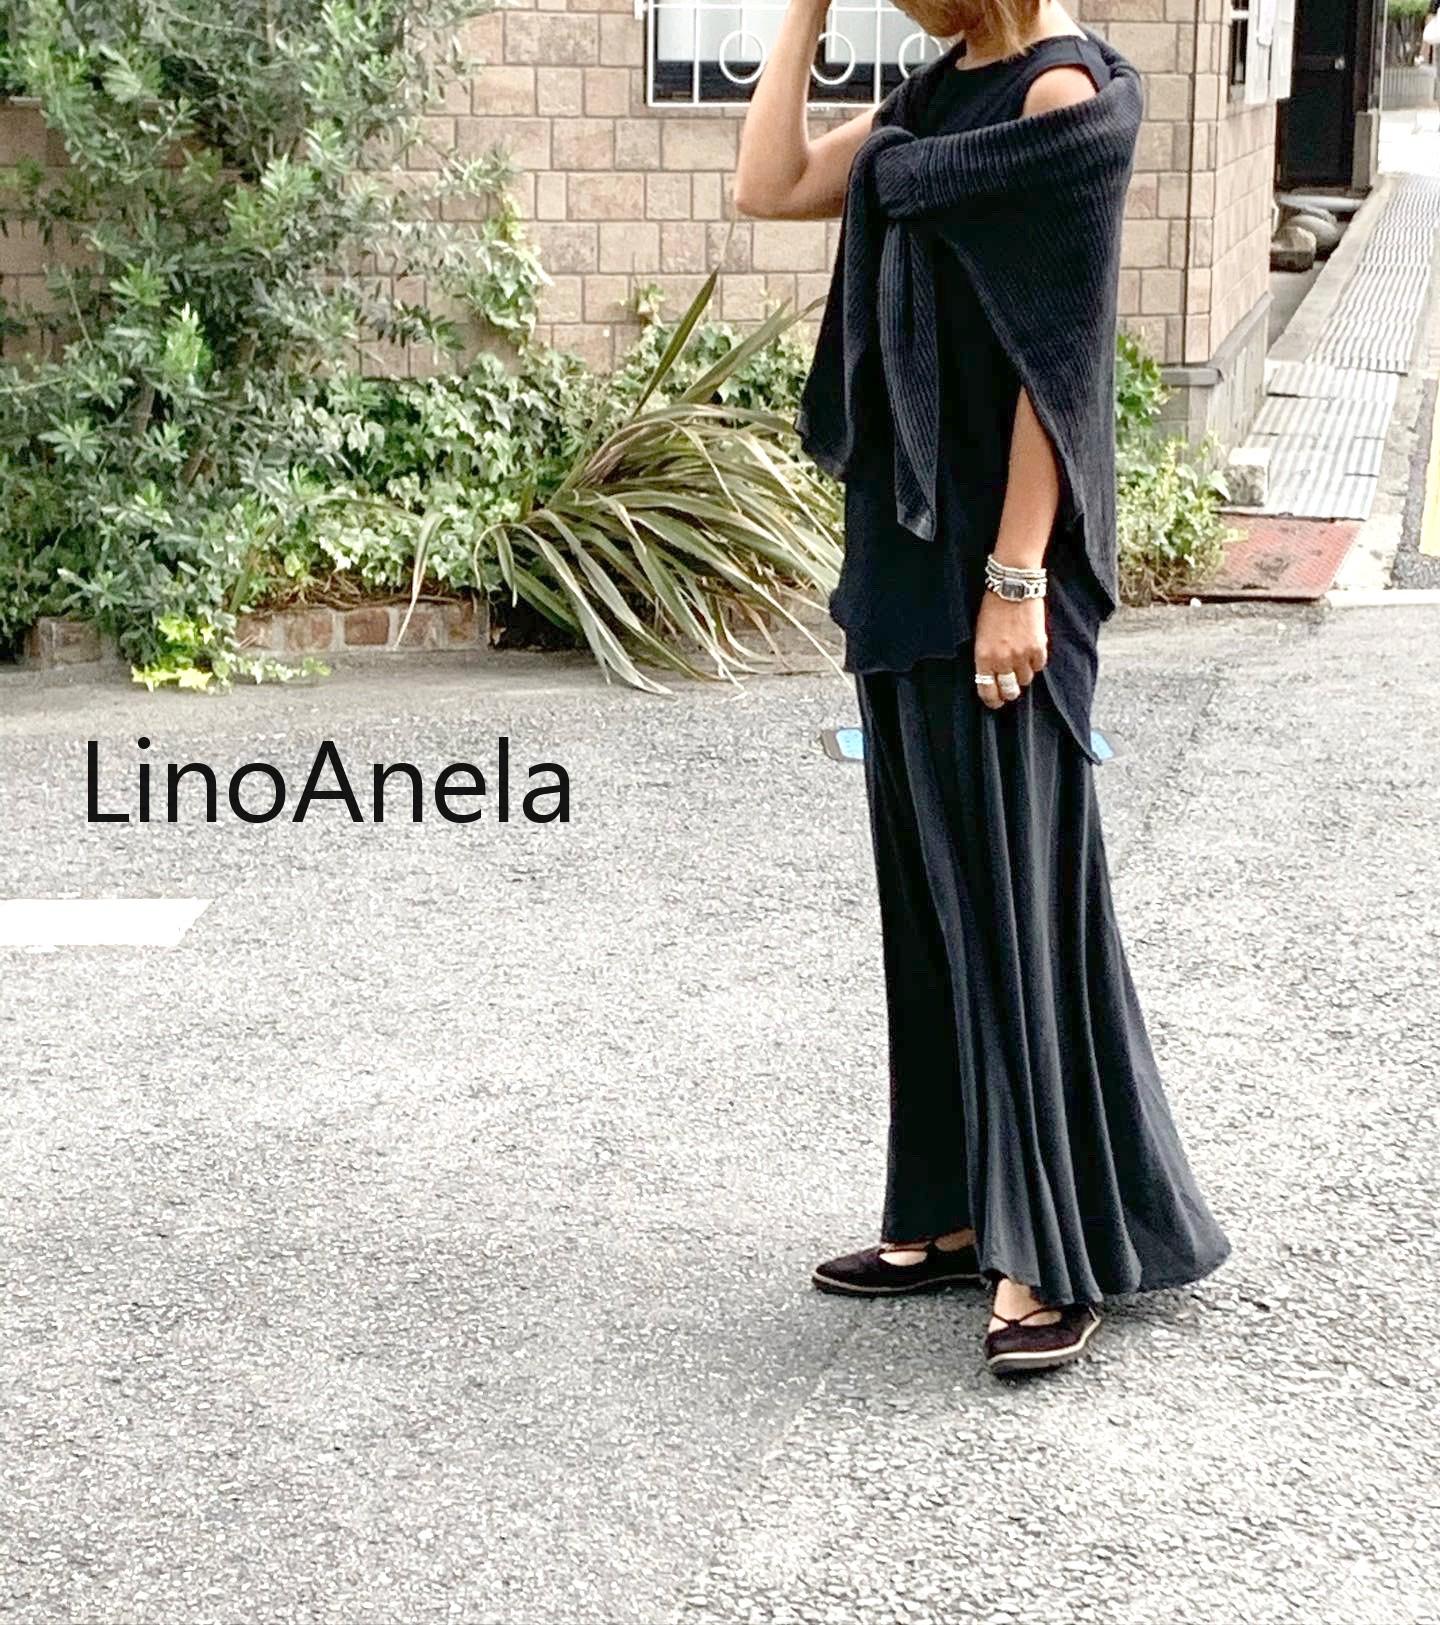 LinoAnela